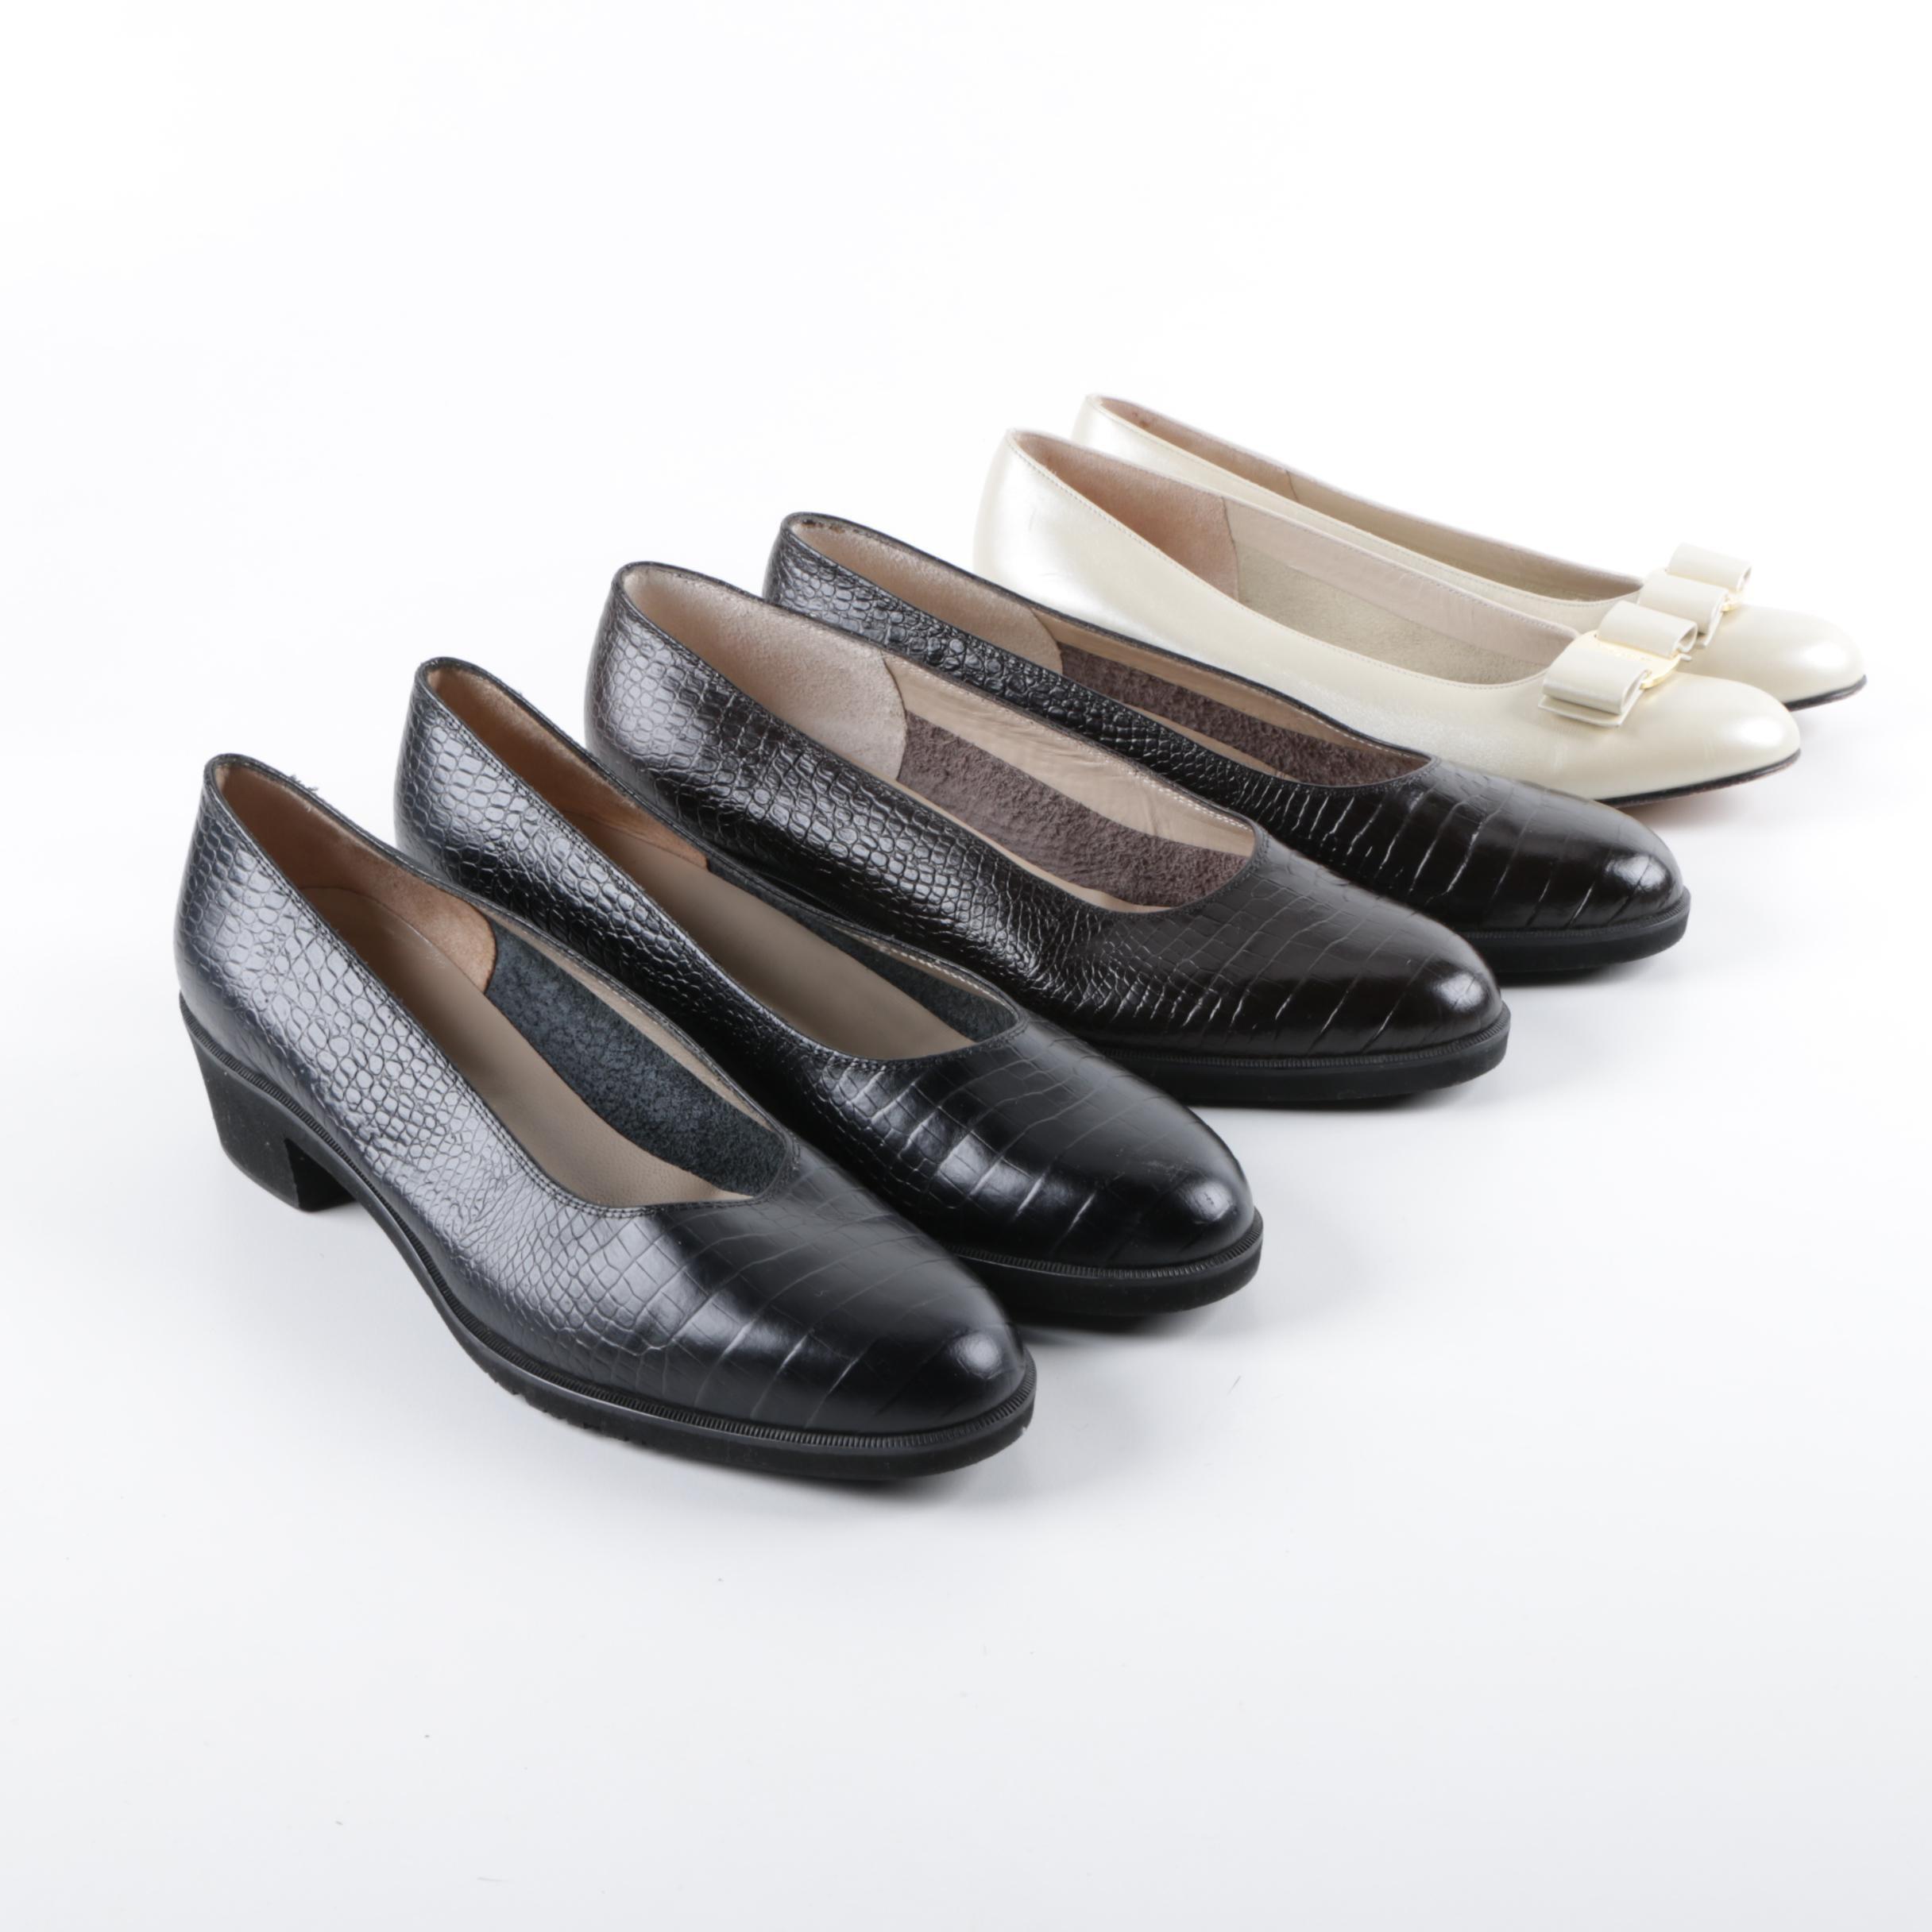 Women's Salvatore Ferragamo Leather Low Heel Pumps